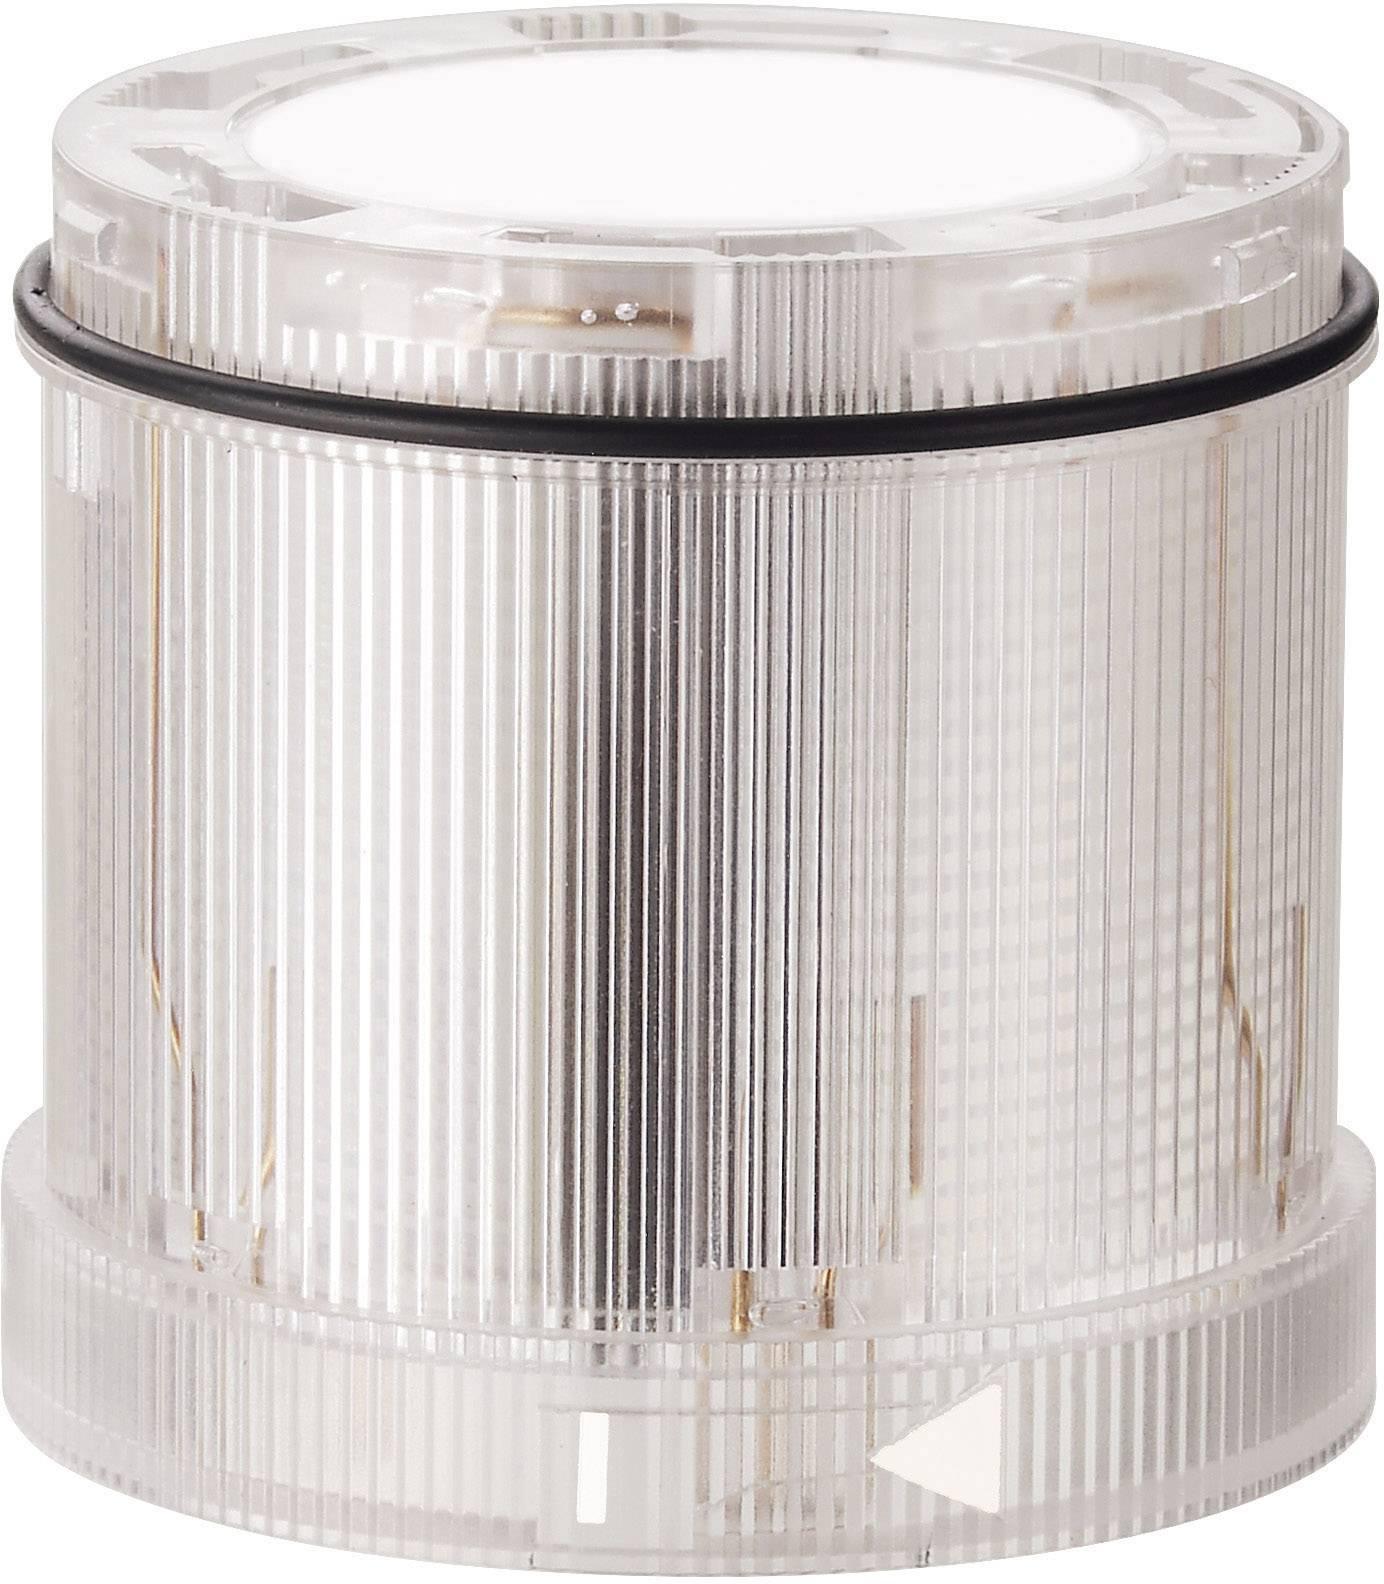 Modul signalizačního sloupku Werma Signaltechnik 64744055, LED bílá 24 V/DC